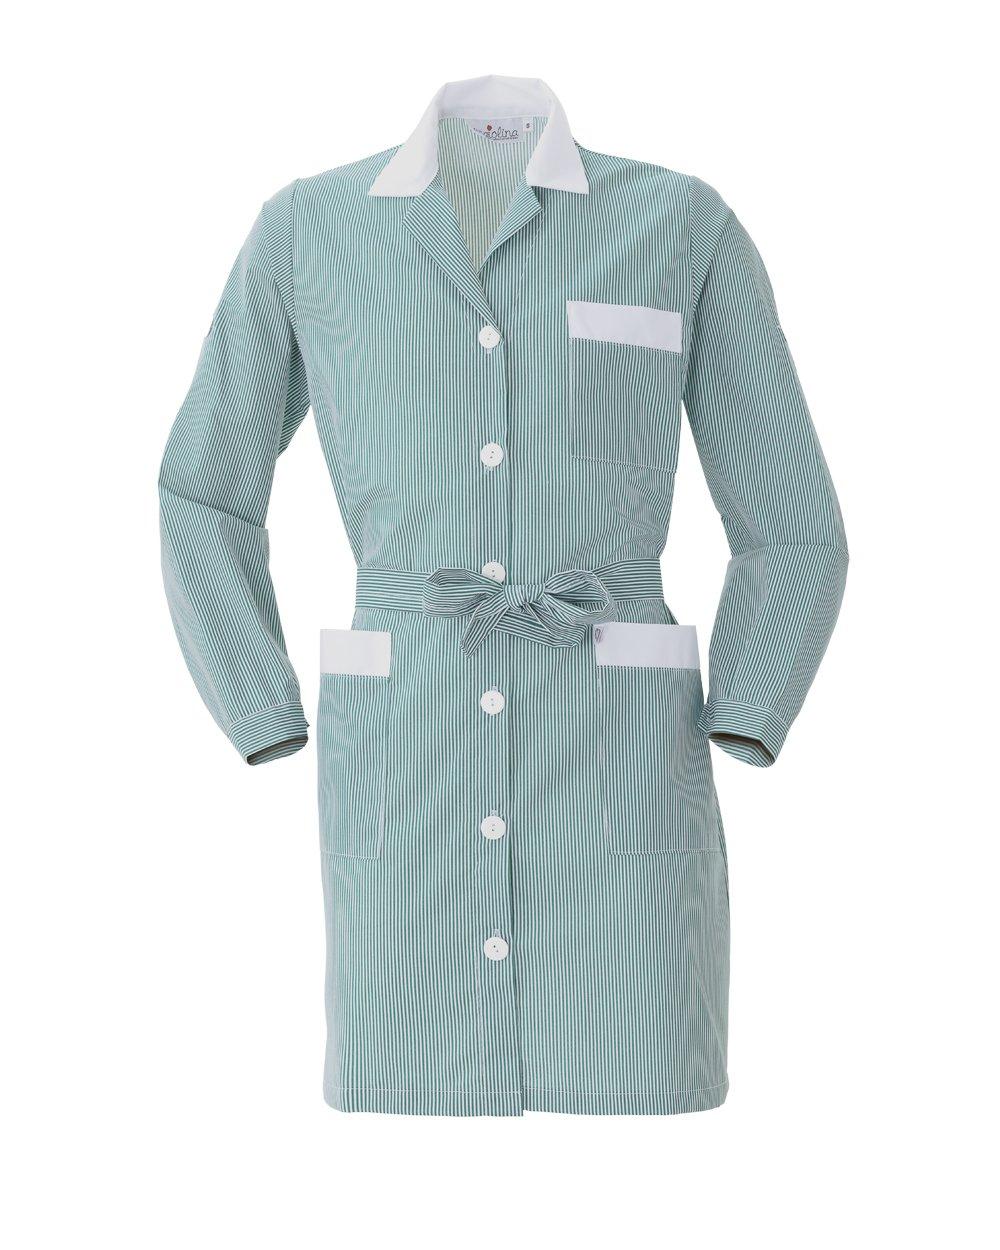 un camice lungo di color verde con dei bottoni bianchi